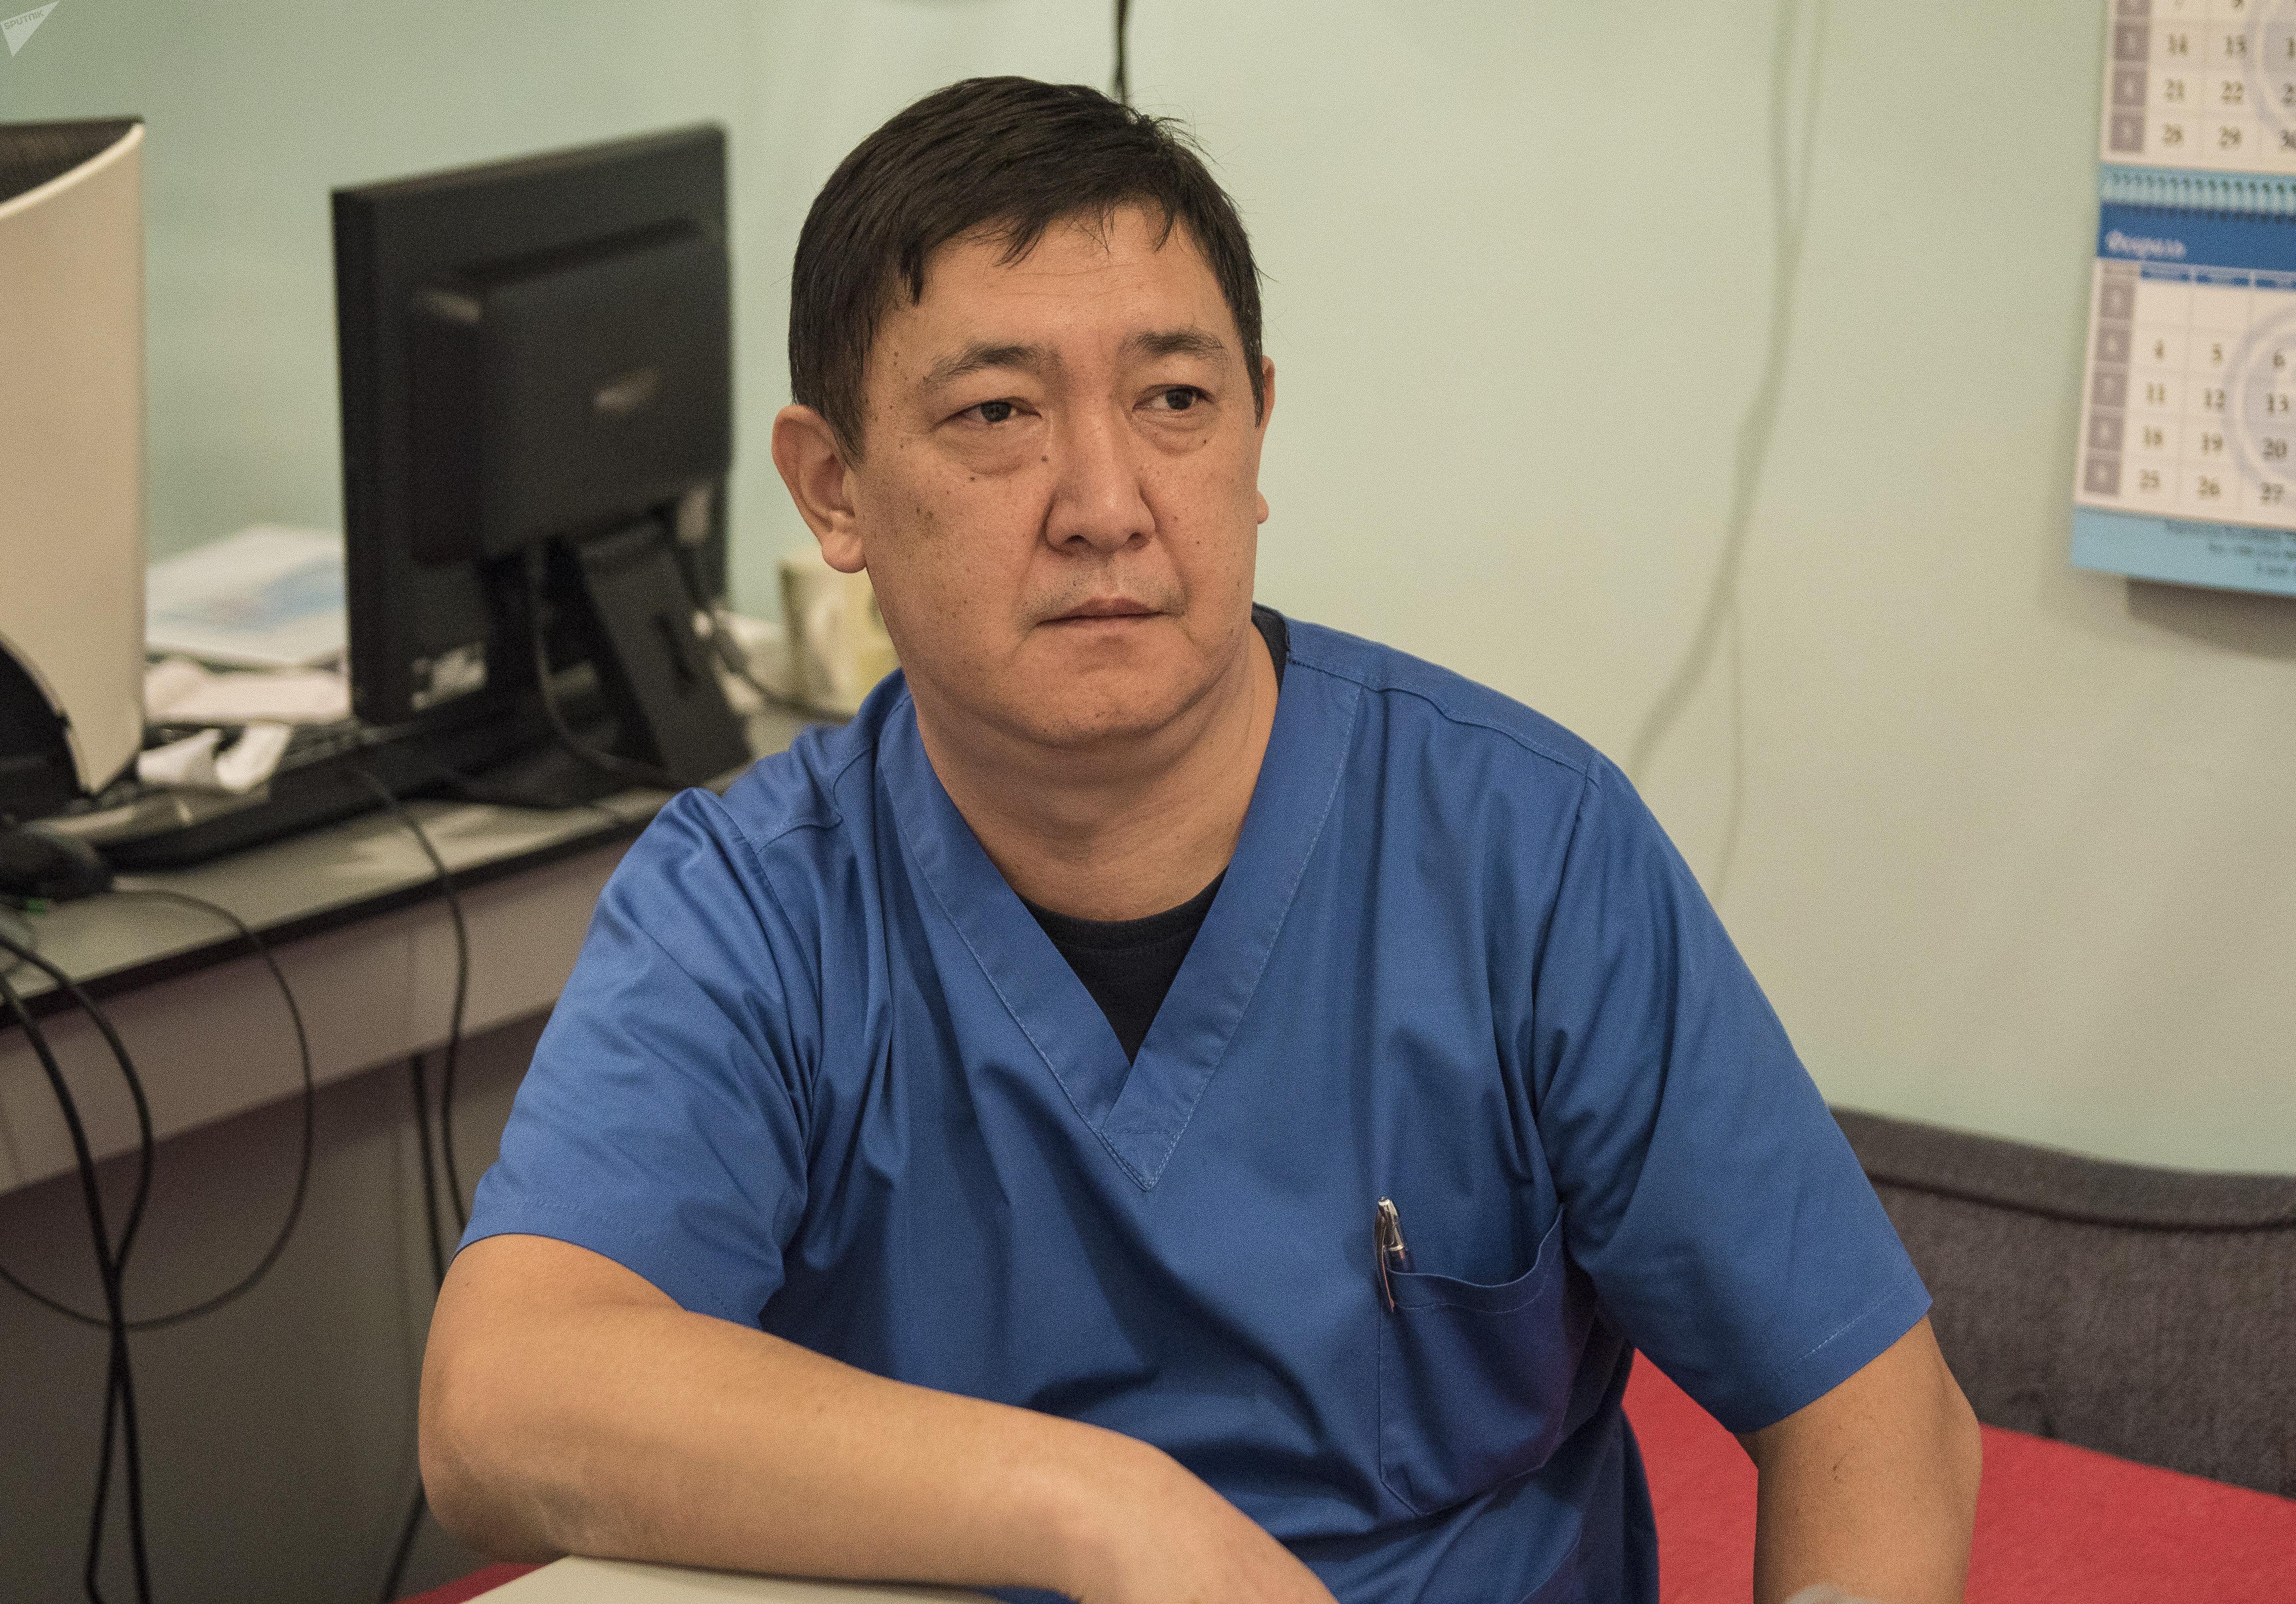 Токсиколог Нургазы Кыштакбаев Бишкекского научно-исследовательского центра травматологии и ортопедии